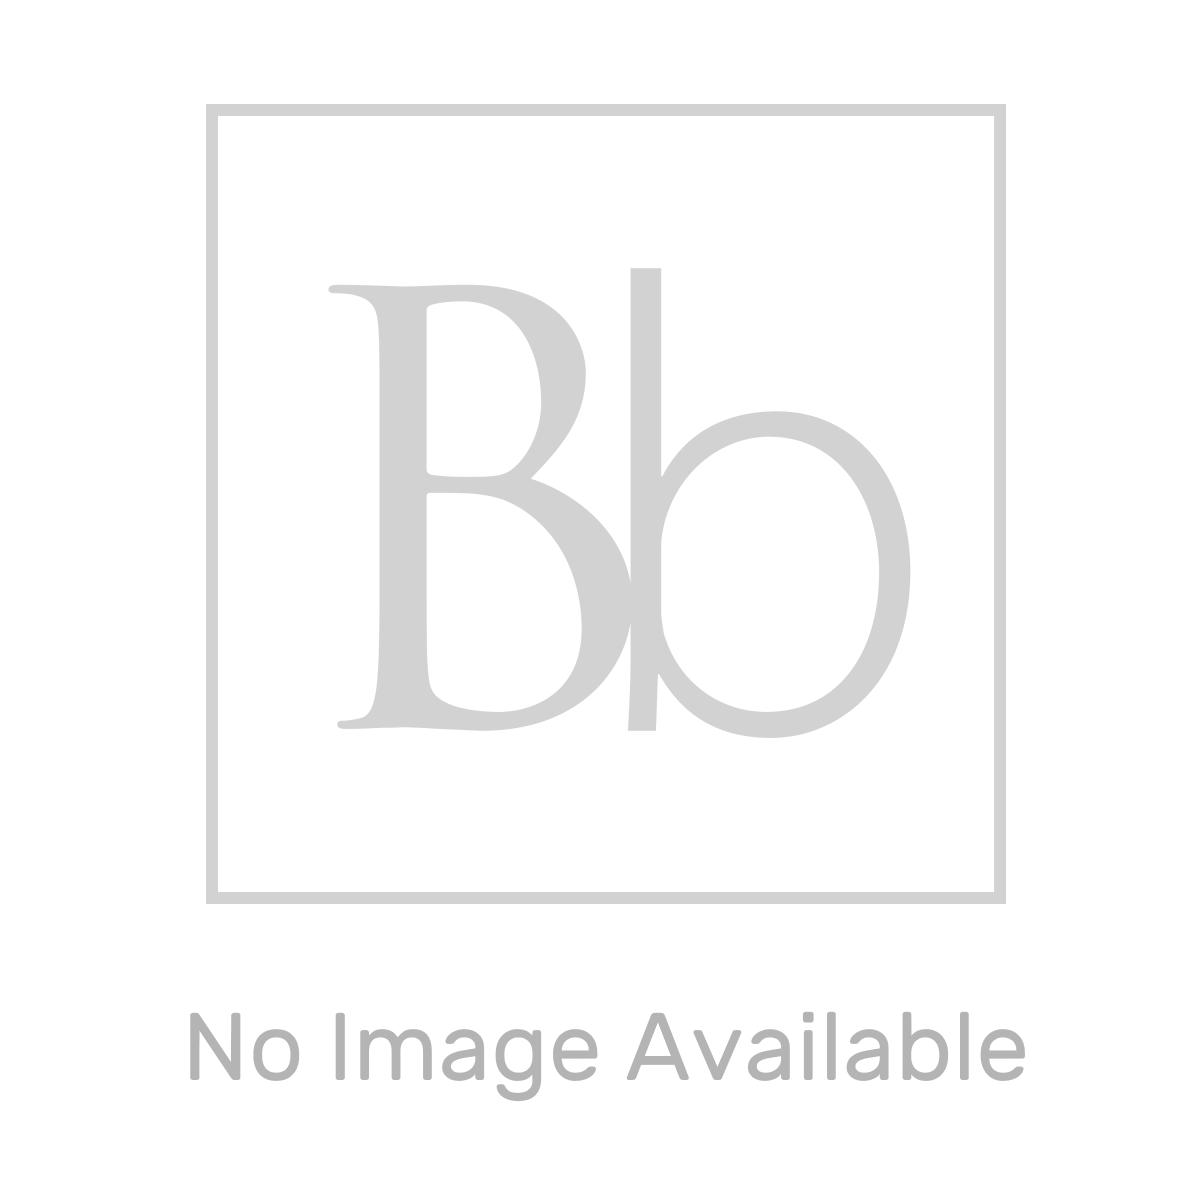 RAK Series 600 Bathroom Suite with Quadrant Shower Enclosure Handle